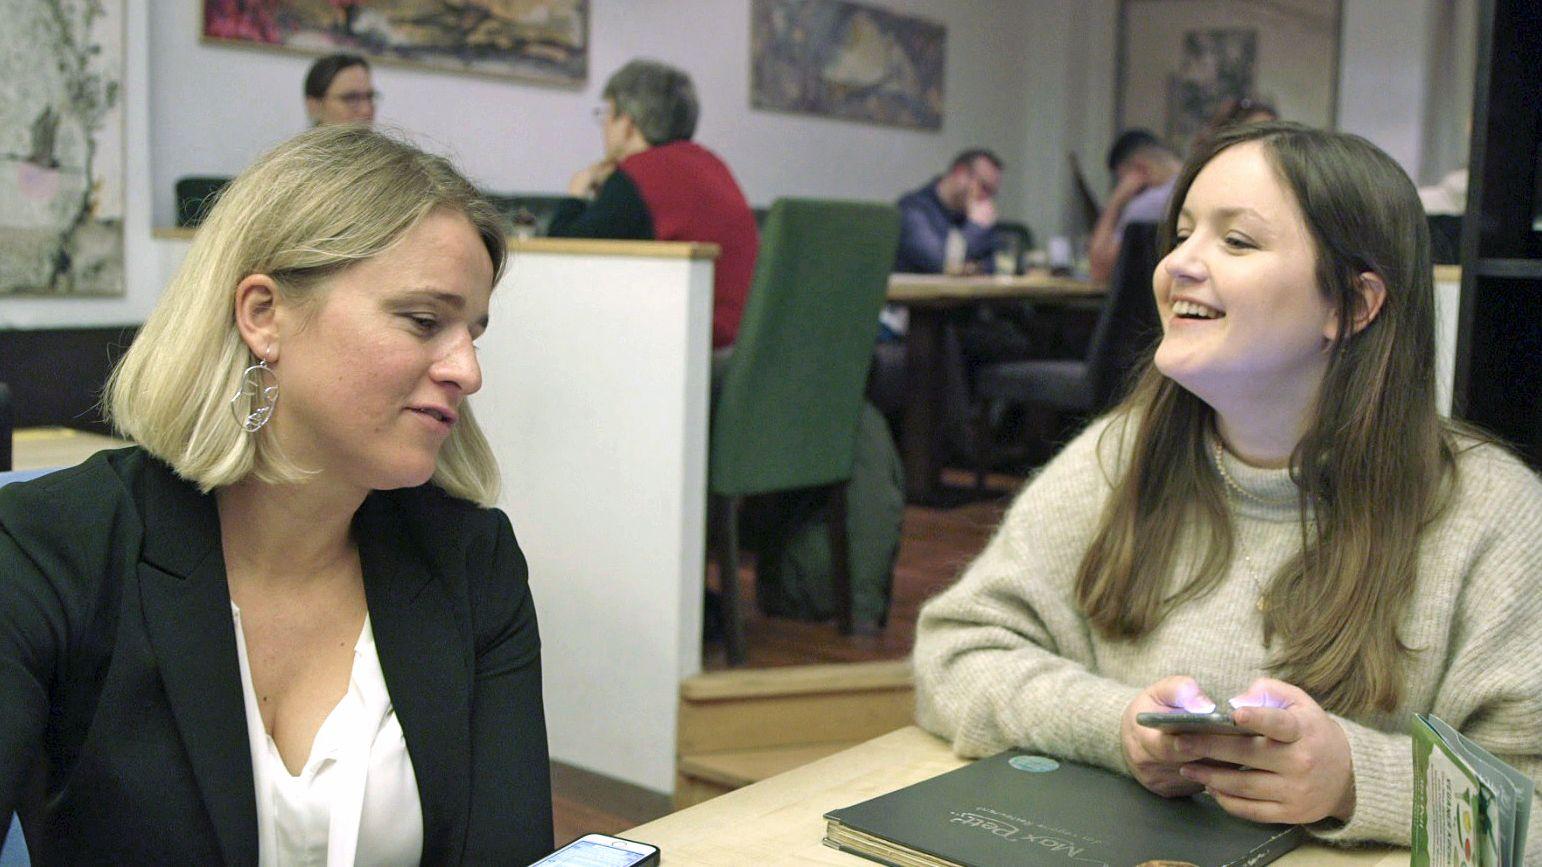 VdK-Präsidentin Verena Bentele und ihre Referentin Laura Bürzer sitzen sich in einem Restaurant gegenüber